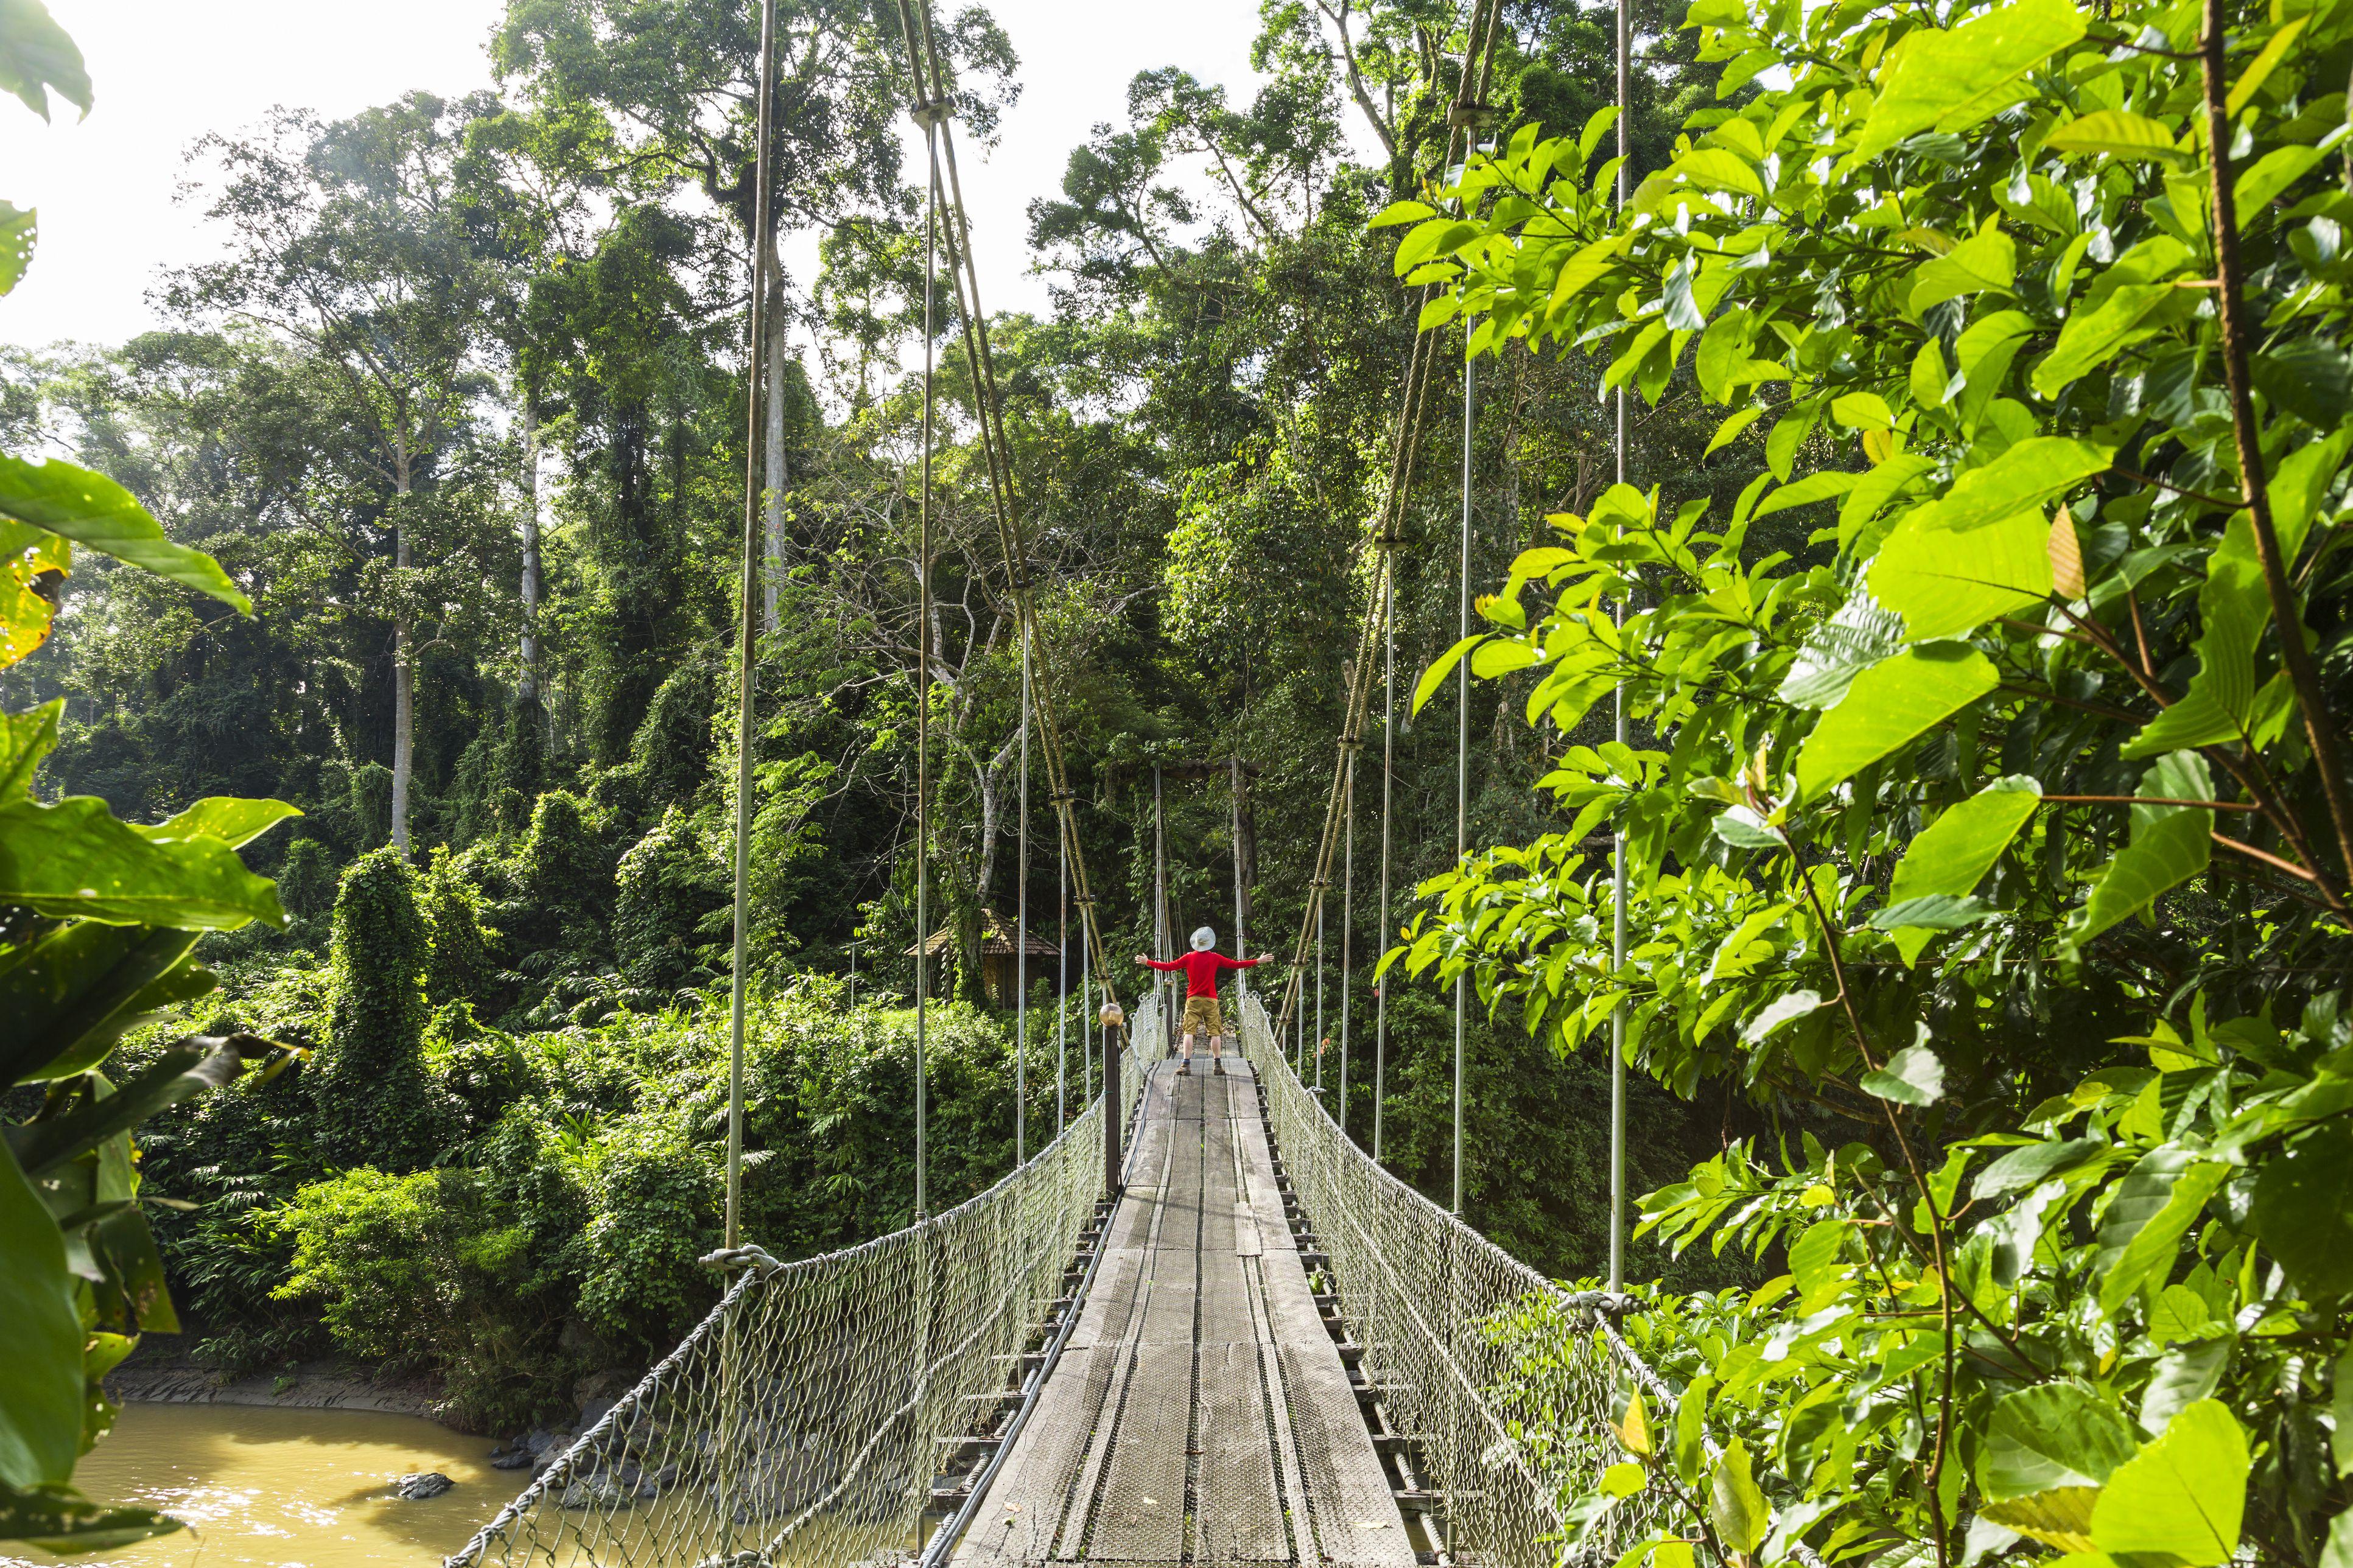 Hombre en el puente, selva tropical, Sabah, Borneo